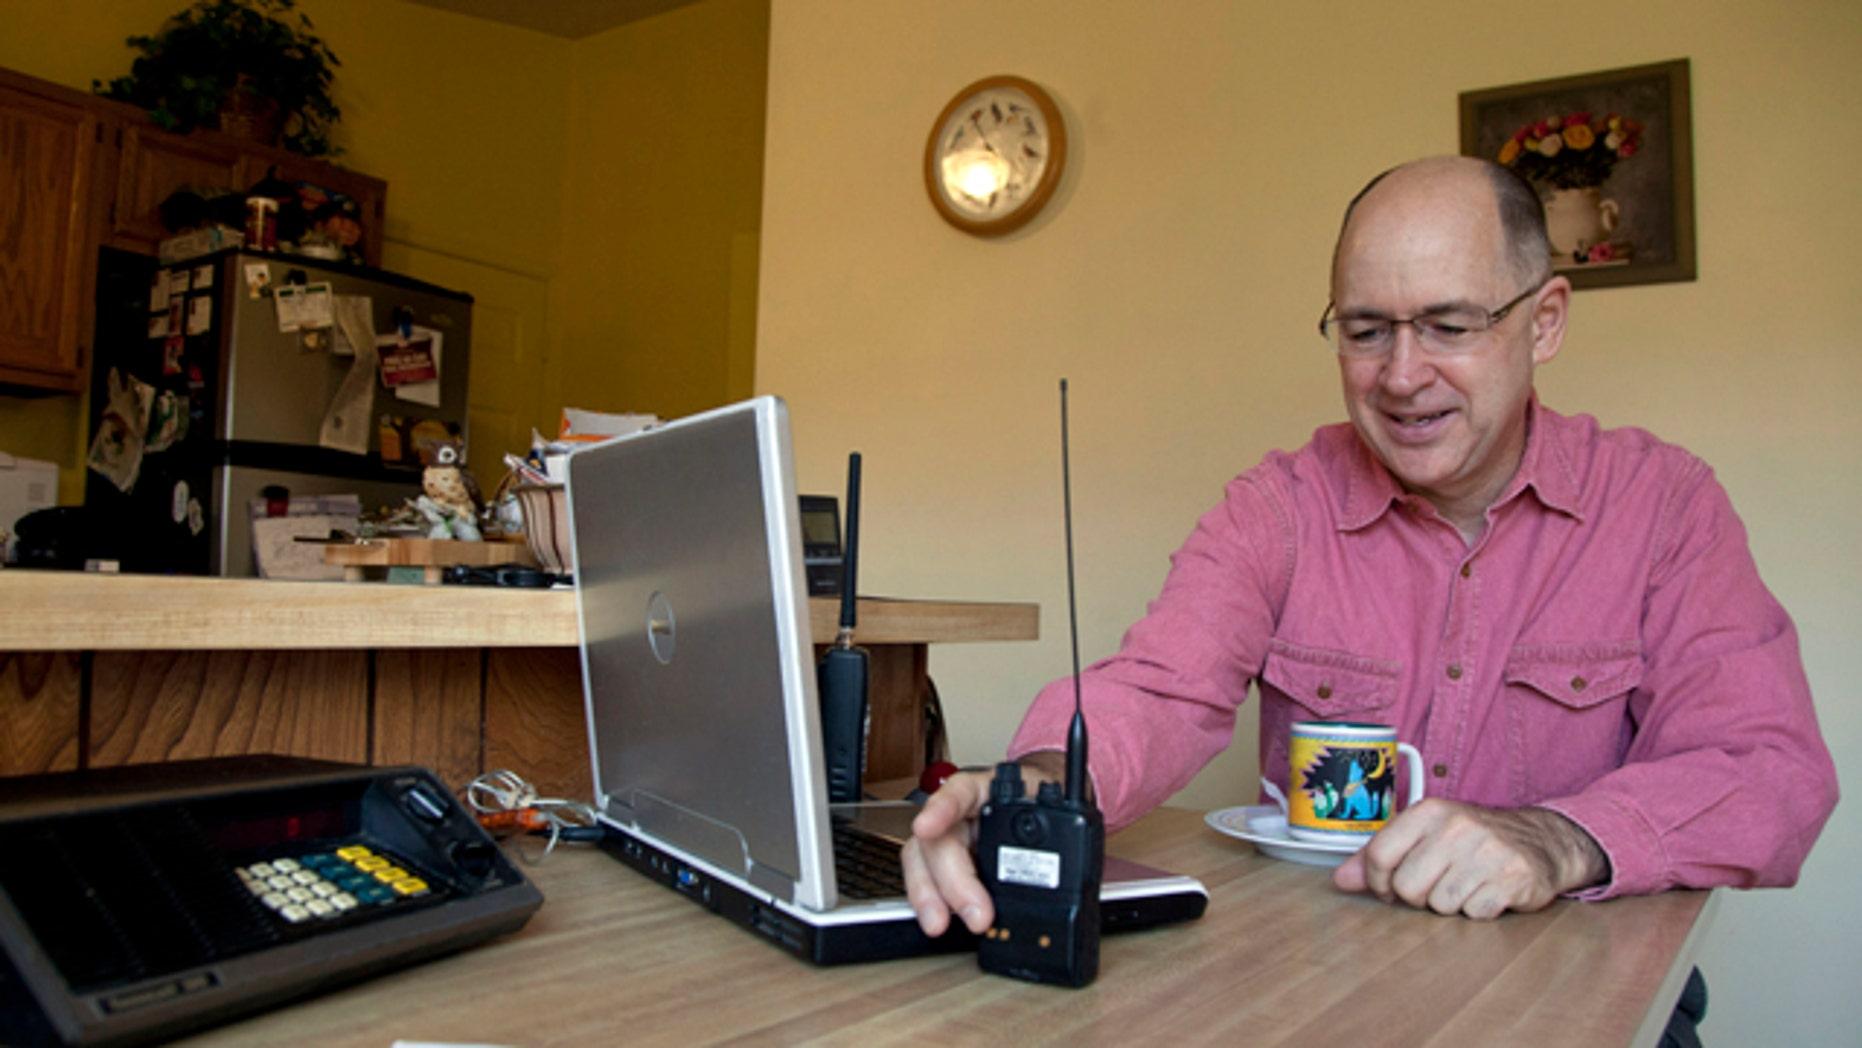 19, 2011: Scanner hobbyist Rick Hansen holds his scanner/Ham radio